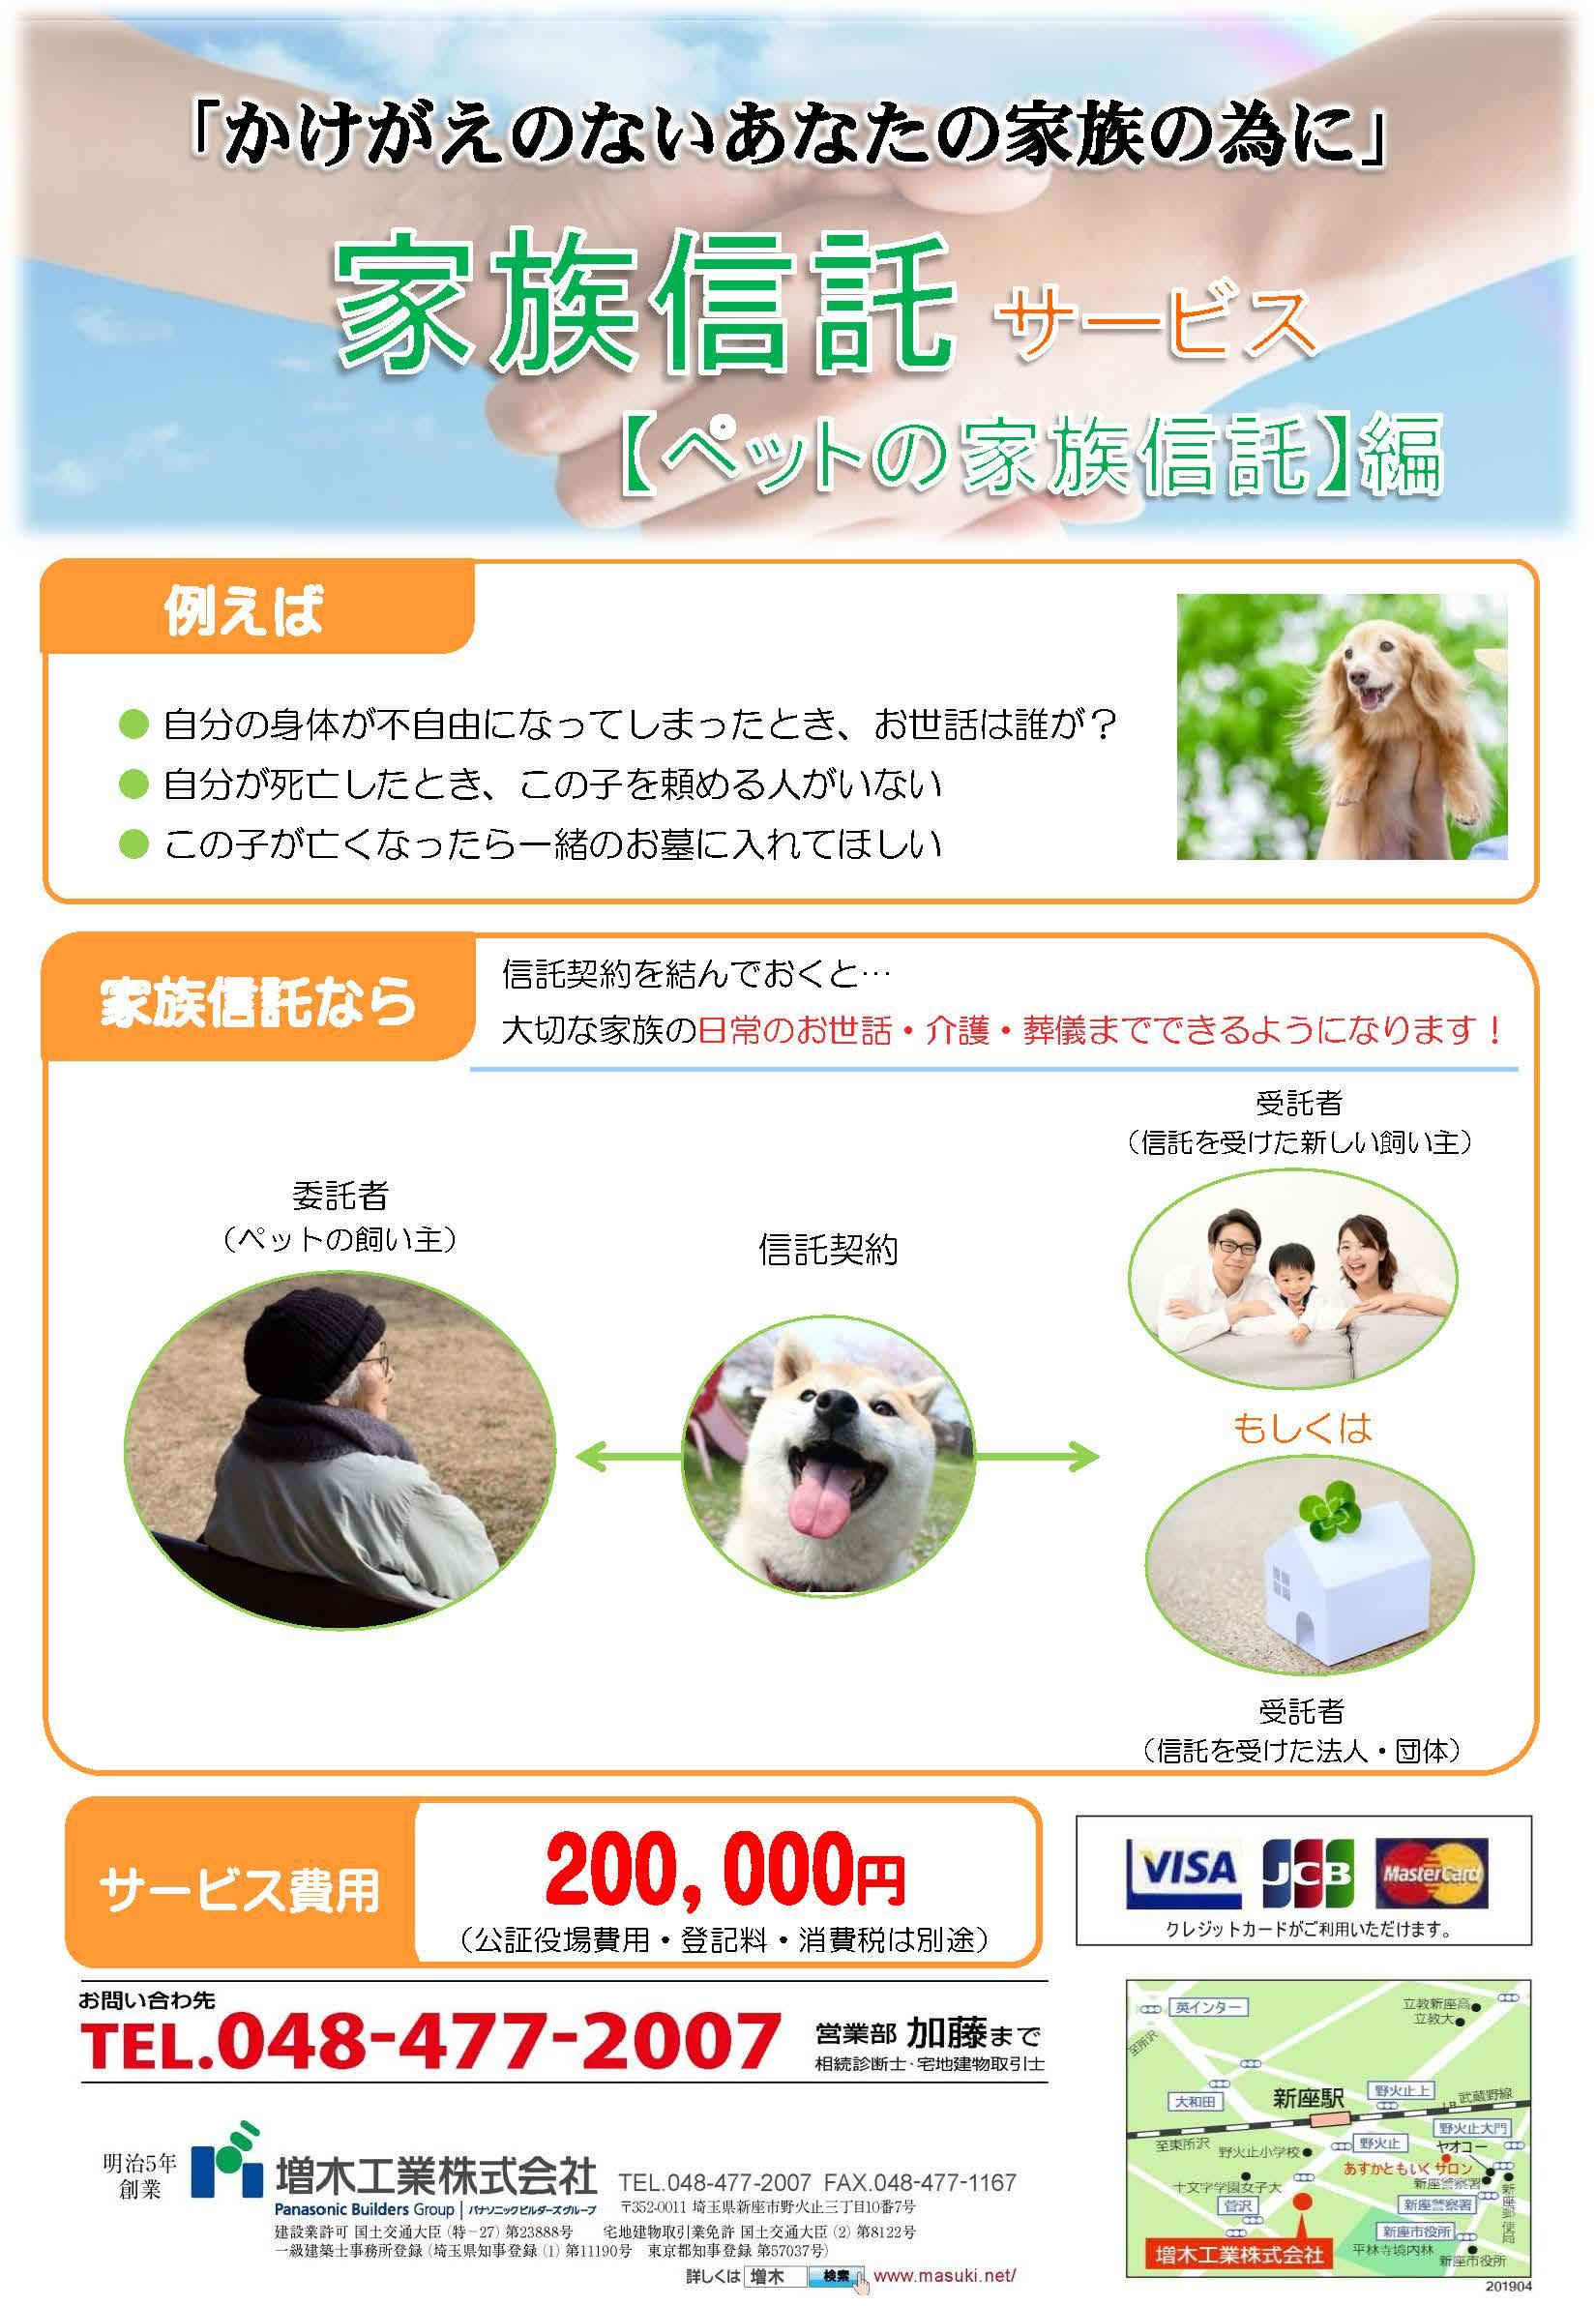 家族信託サービス ~ペットの家族信託~/13-5のイメージ